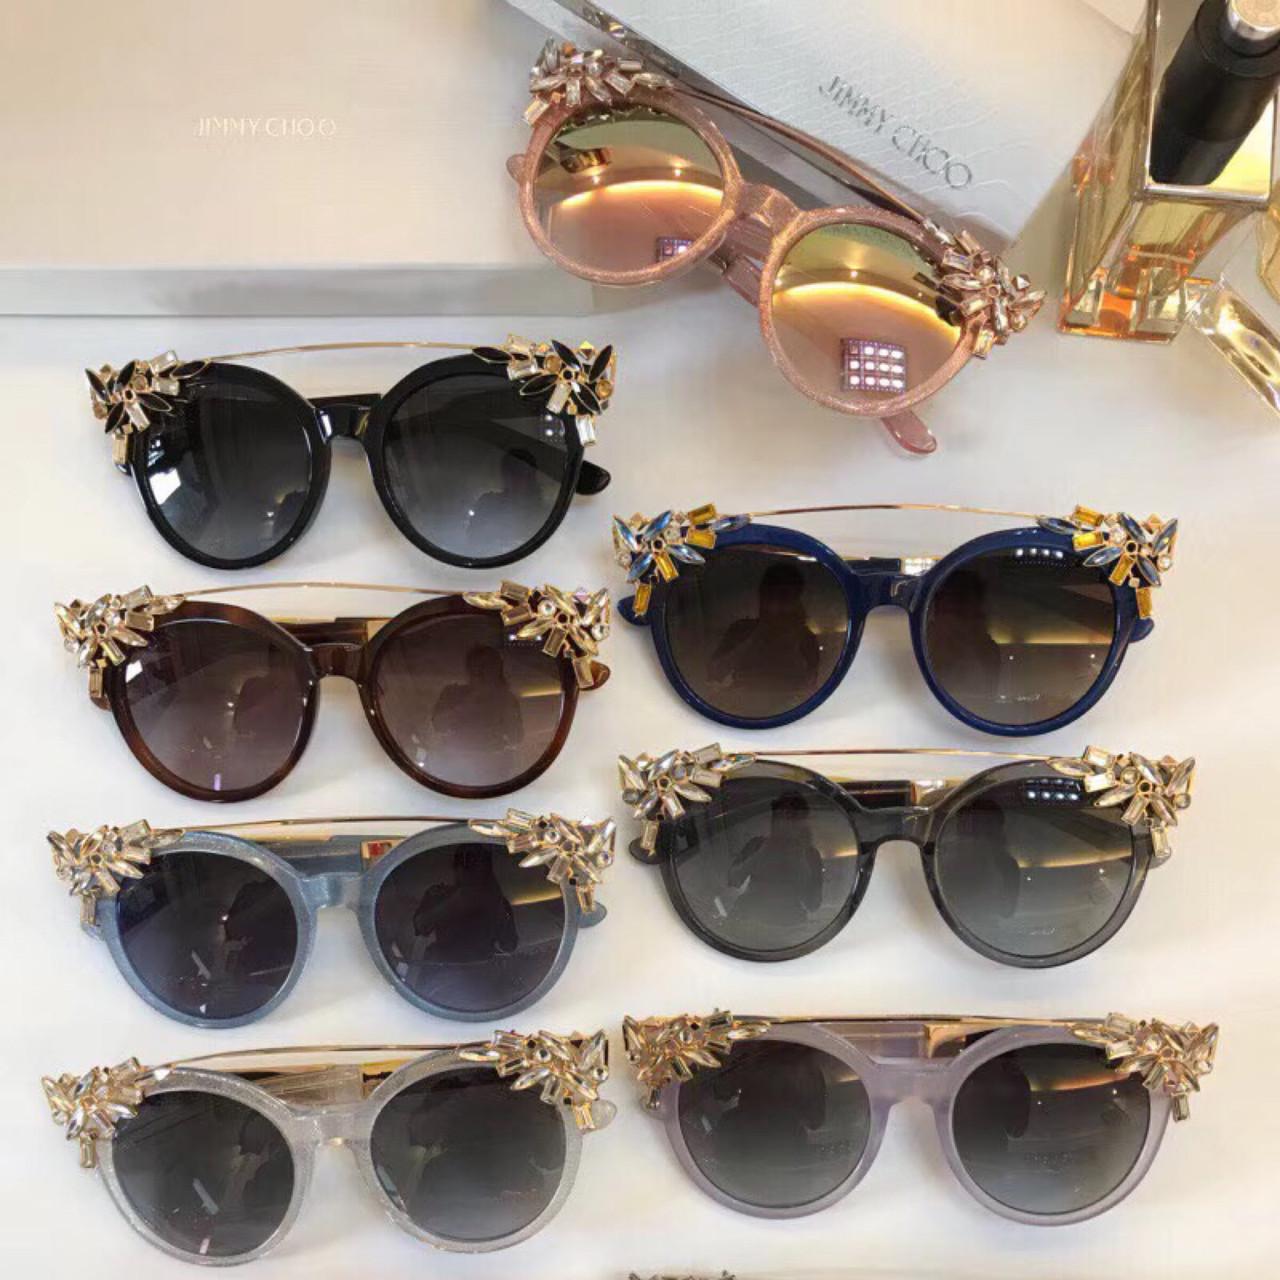 Окуляри сонцезахисні брендові під Jimmy Choo